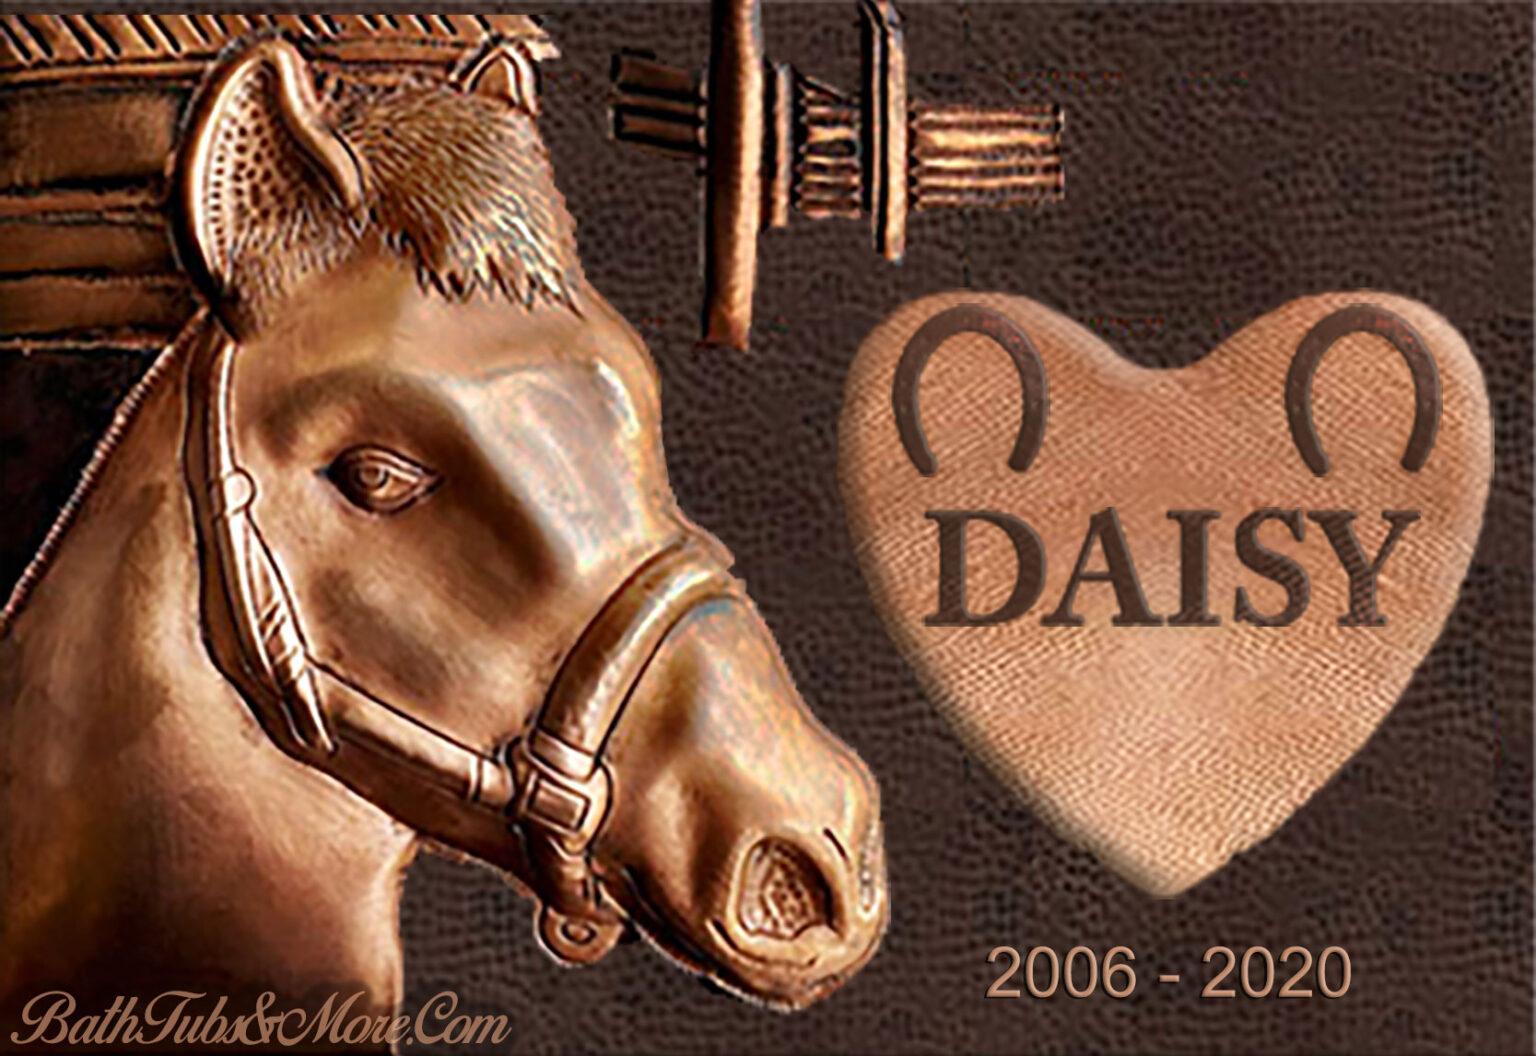 DAISY-1-1536x1056